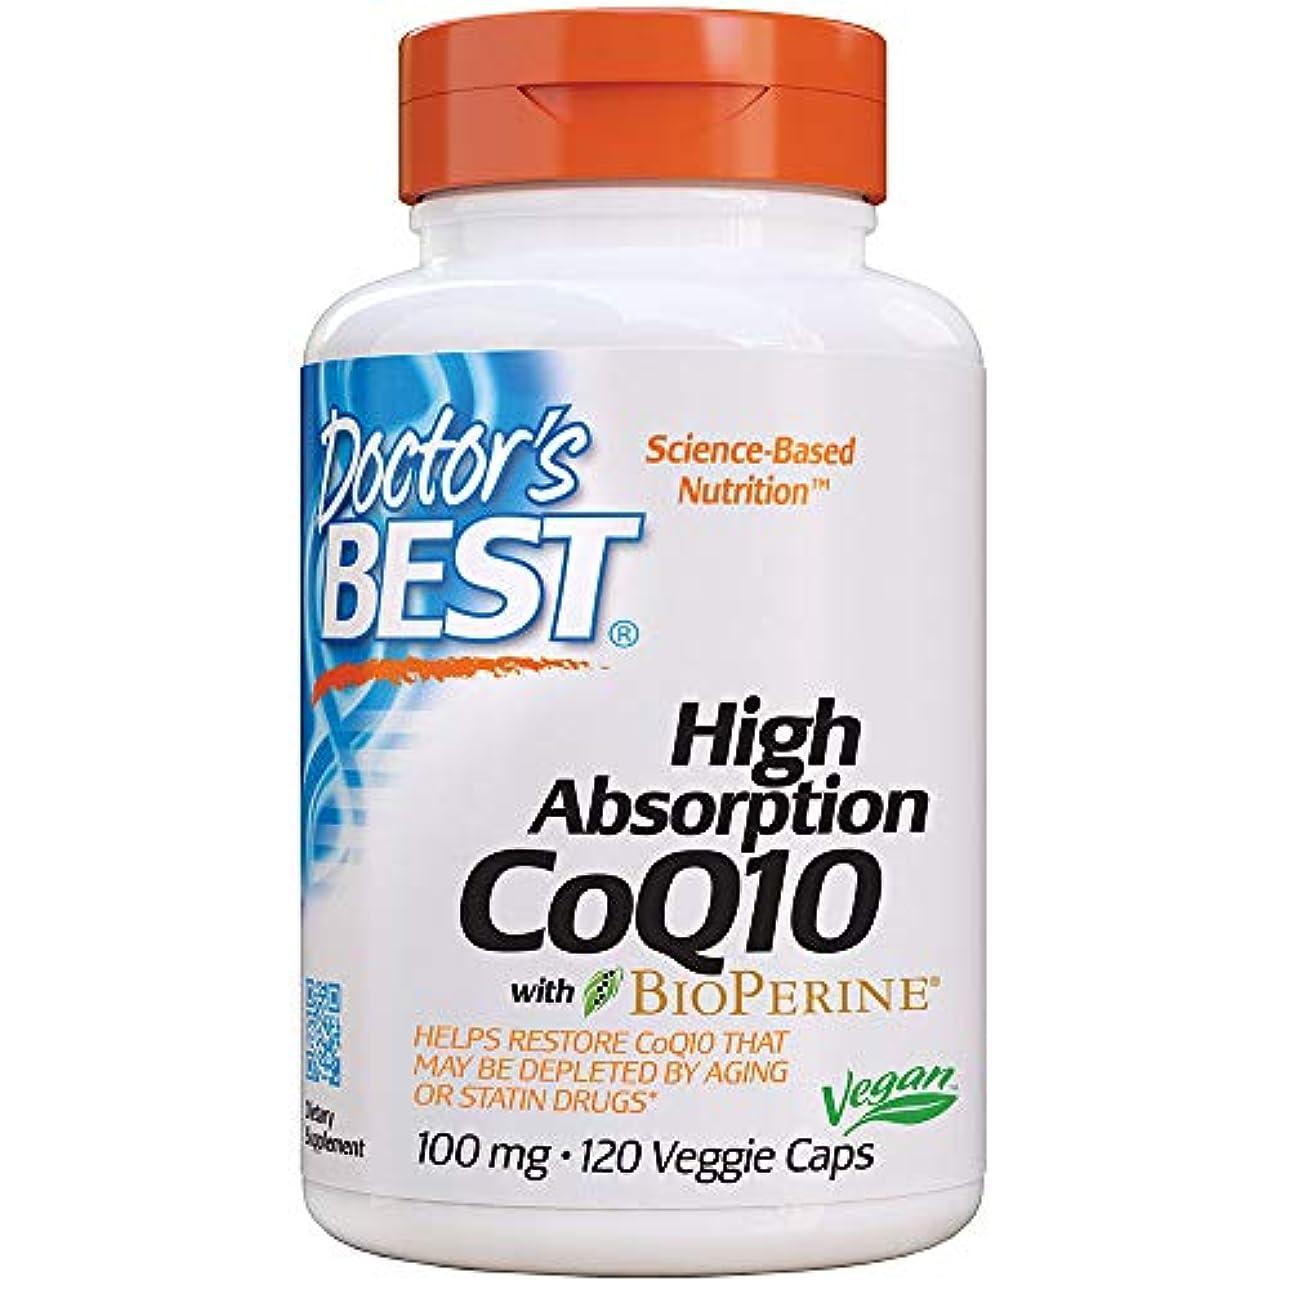 結晶負洗う海外直送品 Doctors Best High Absorption CoQ10, 120 VCaps 100 Mg